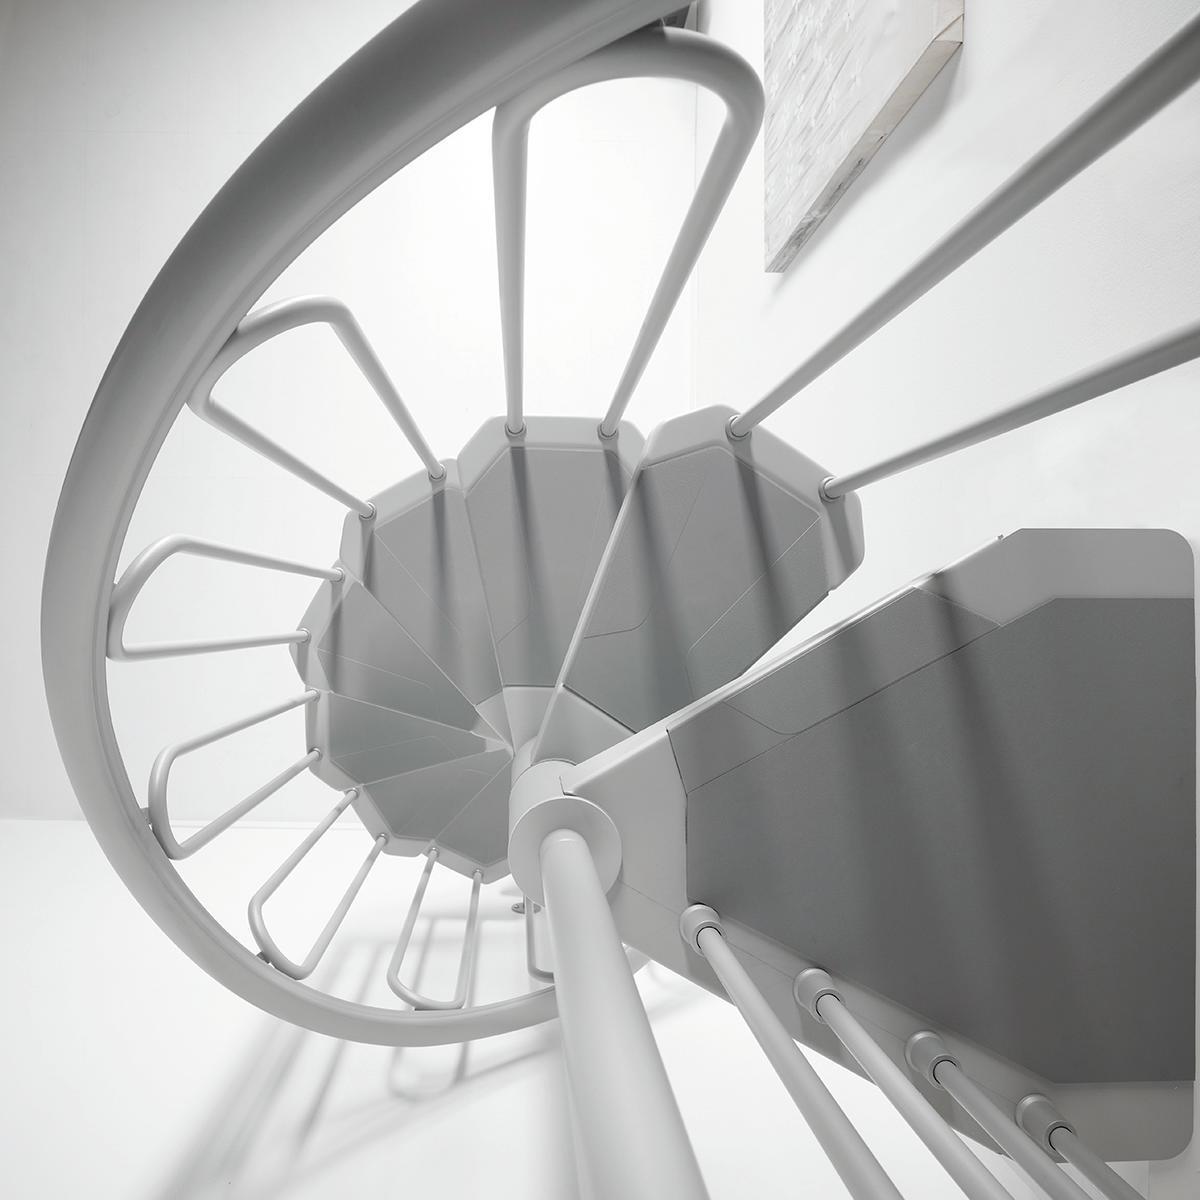 Scala a chiocciola tonda Snail FONTANOT L 120 cm, gradino grigio, struttura grigio - 2